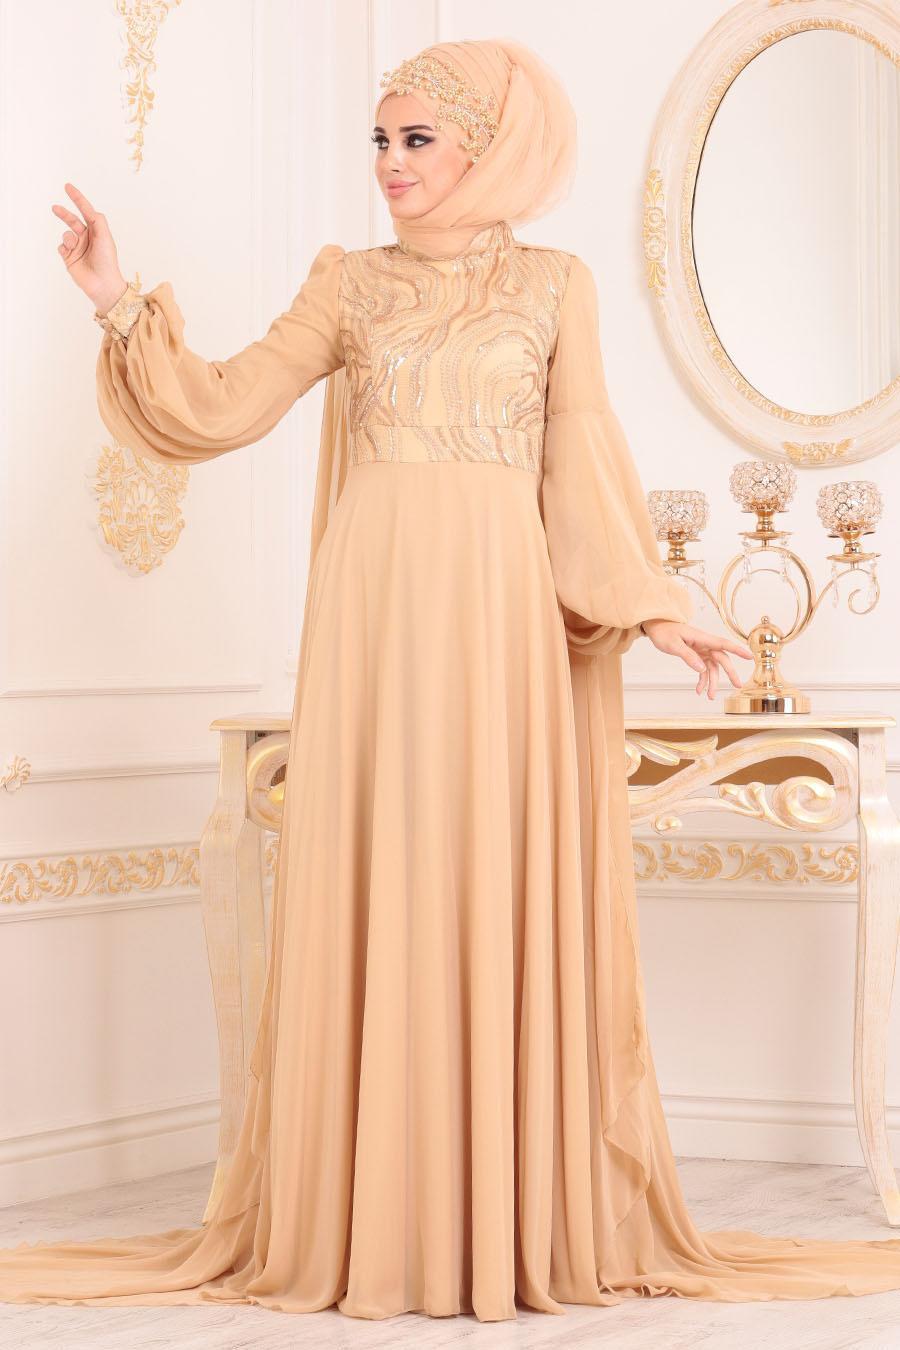 Tesettürlü Abiye Elbise - Pelerinli Gold Tesettür Abiye Elbise - 3726GOLD